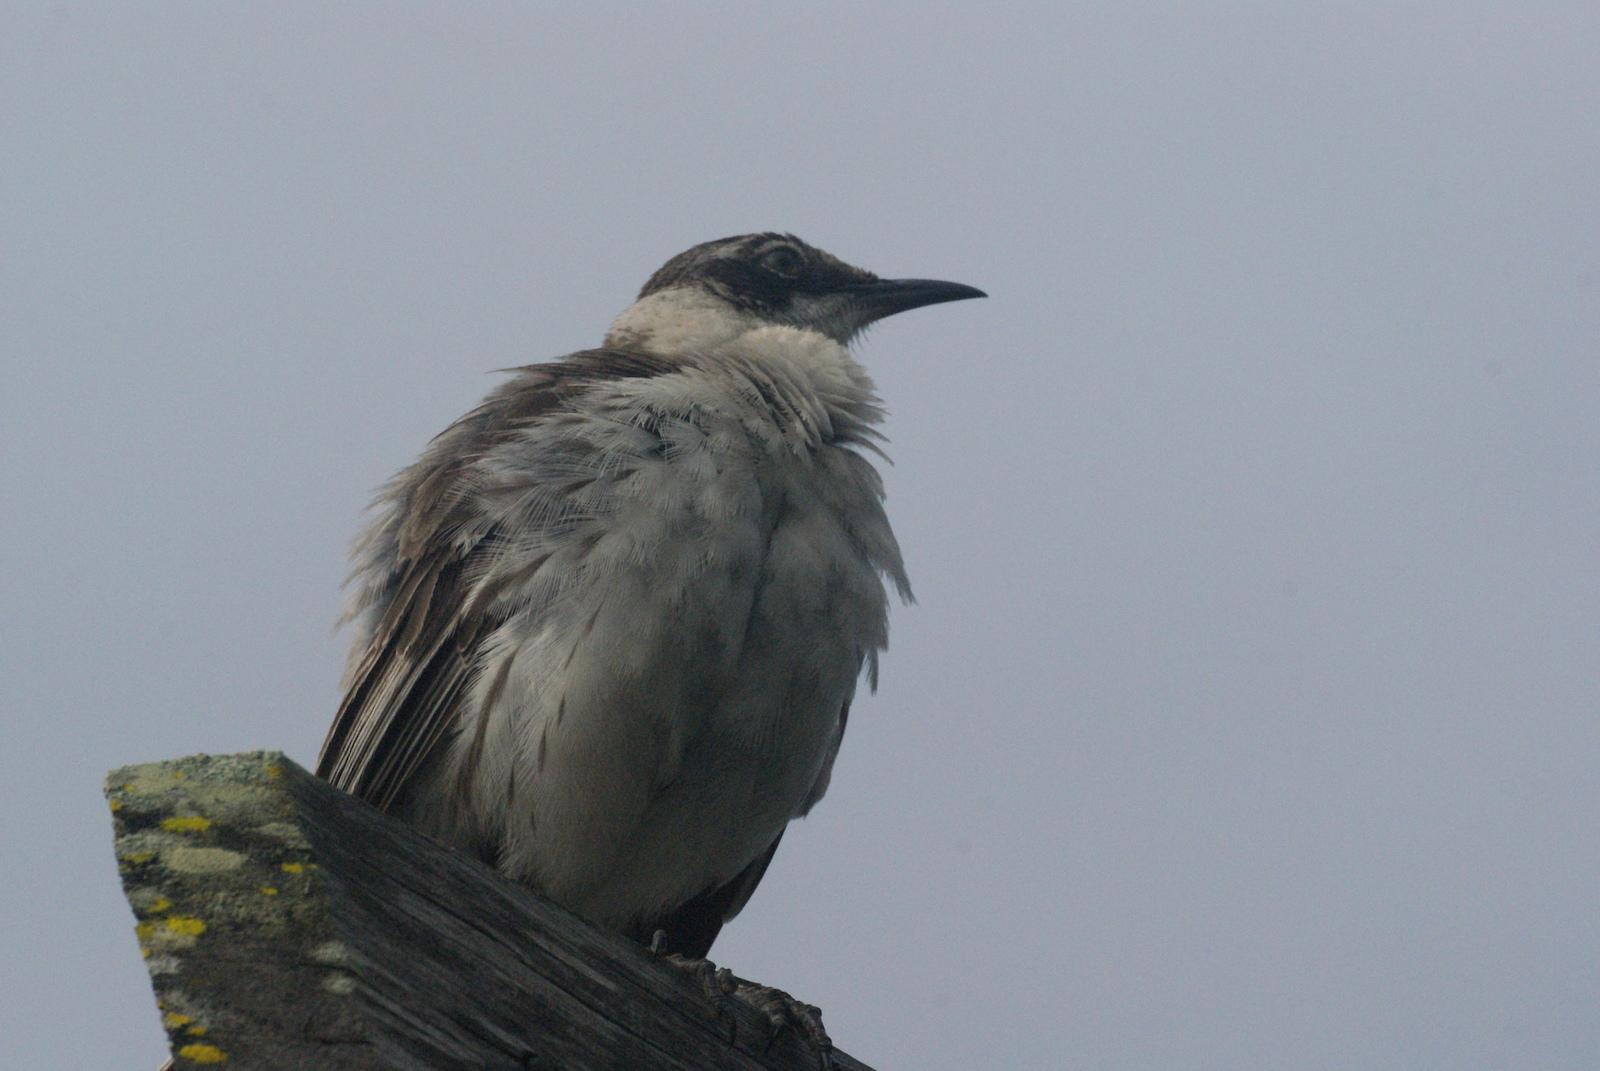 Galápagos Mockingbird ©2012 Ben Tavener